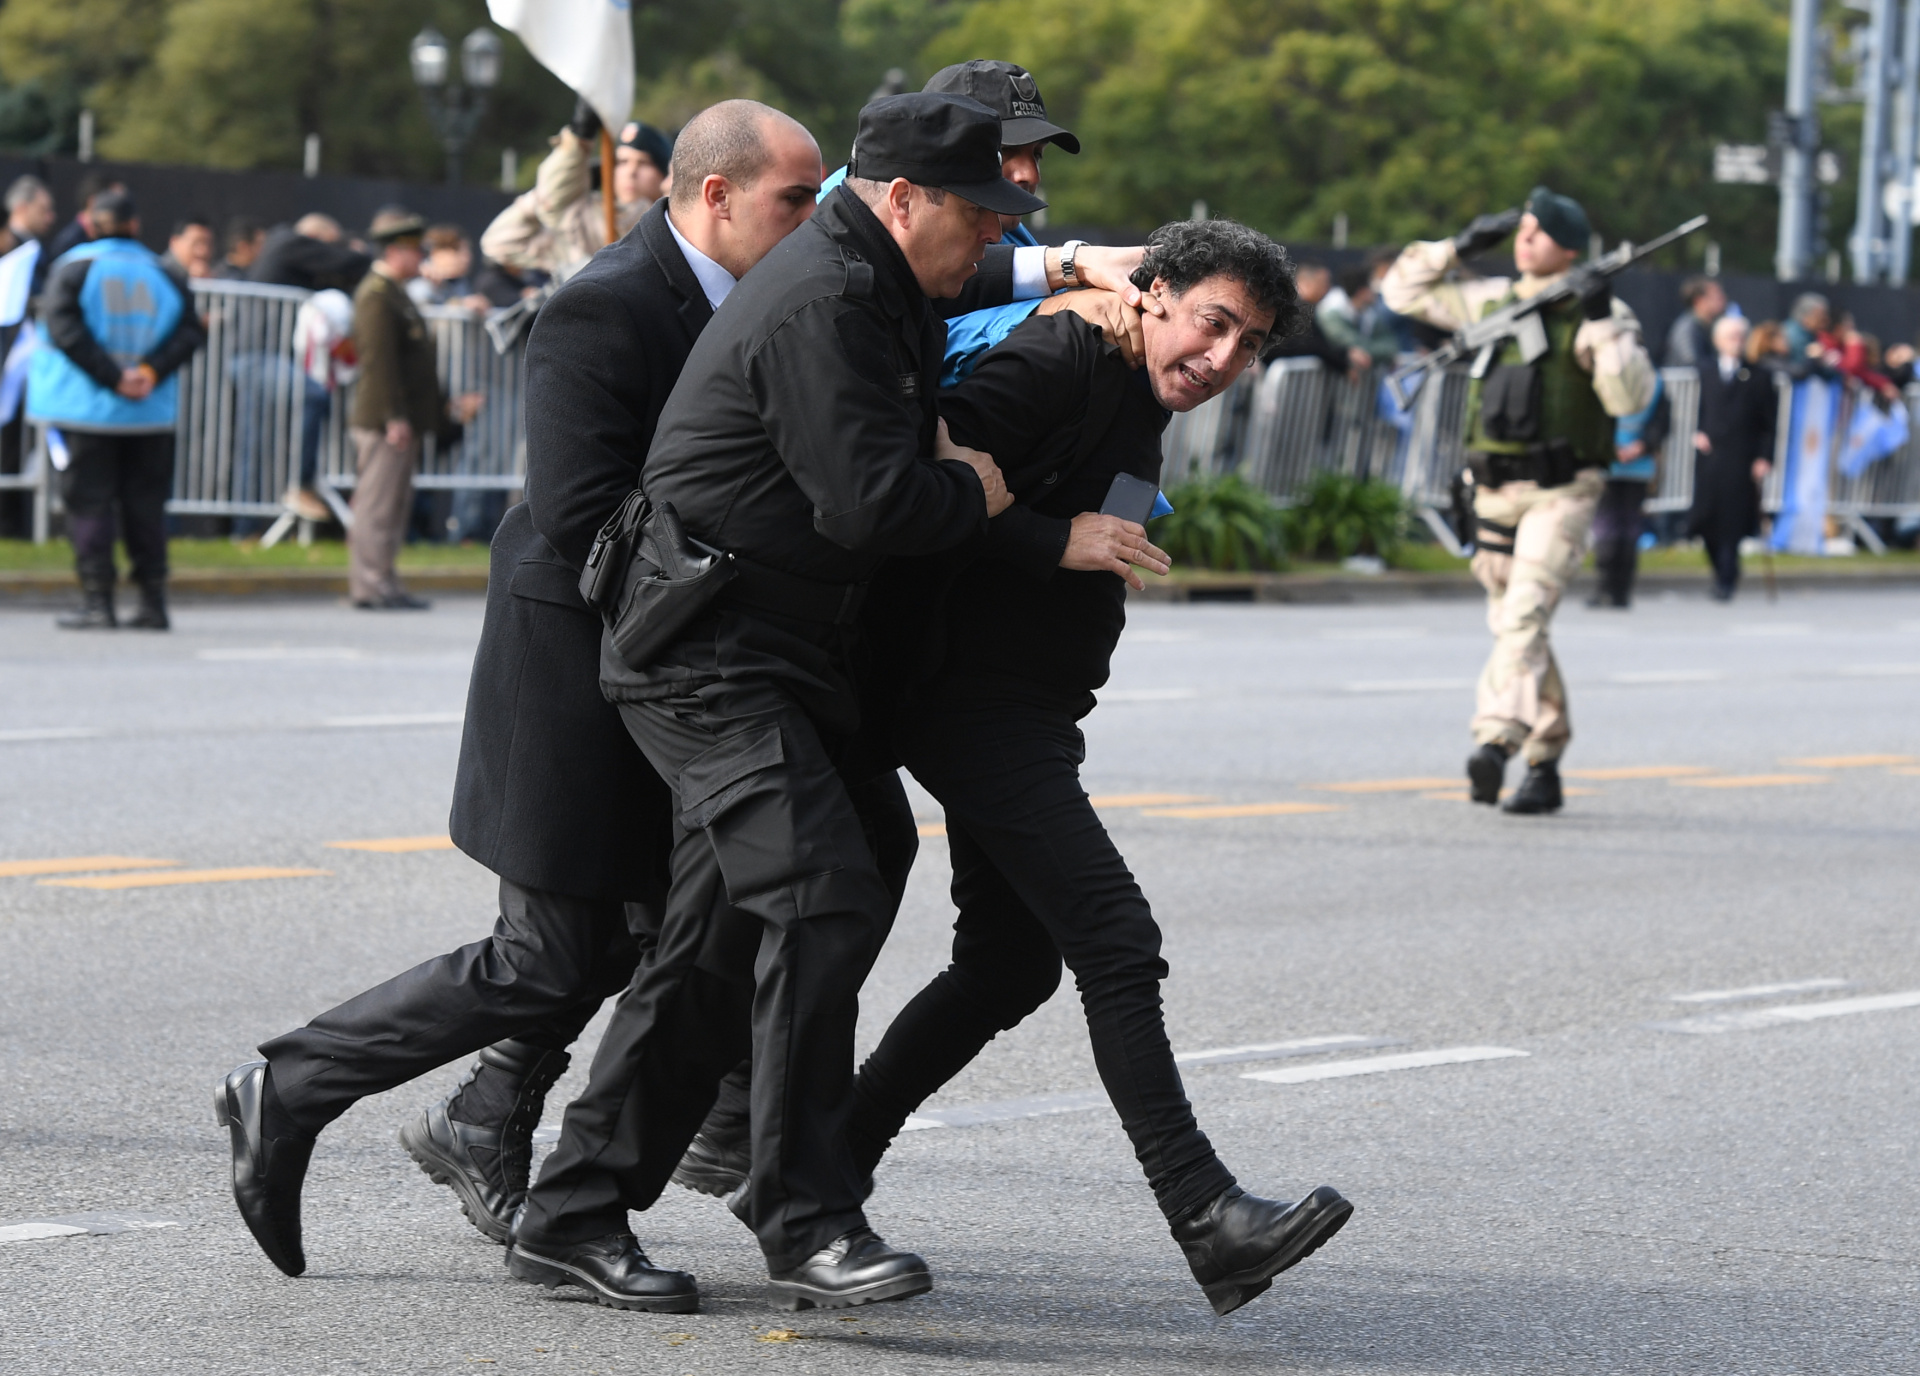 El hombre fue interceptado y lo sacaron del desfile con rapidez